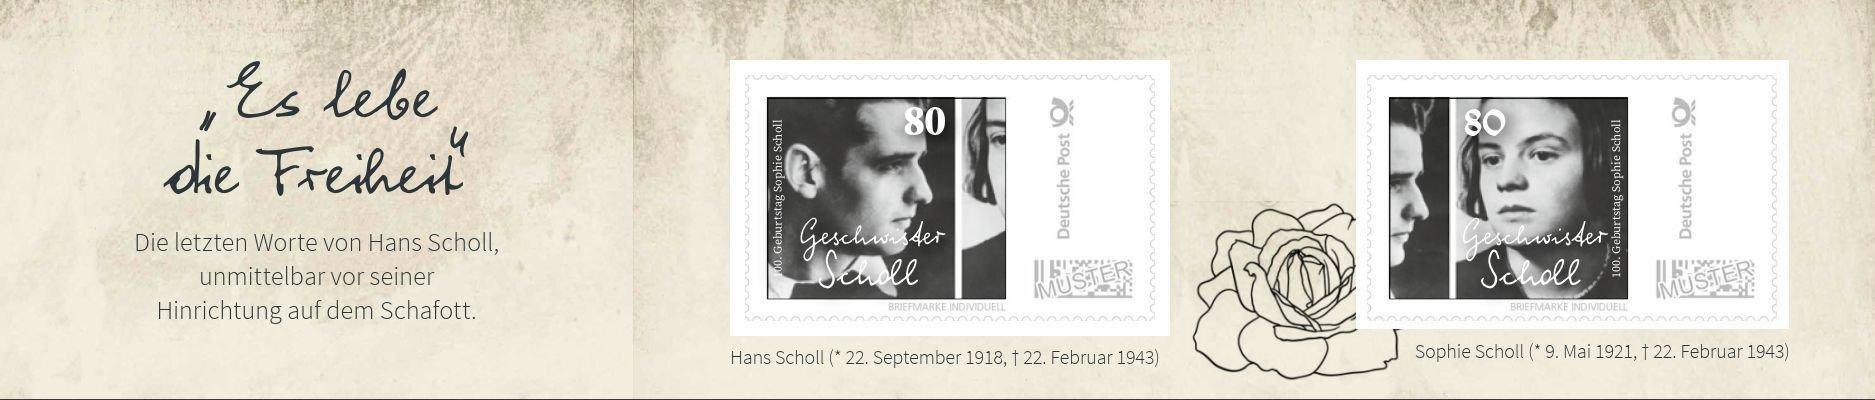 """Zum 100. Geburtstag von Sophie Scholl - Streng limitierte Klappkarte """"Geschwister Scholl""""!"""